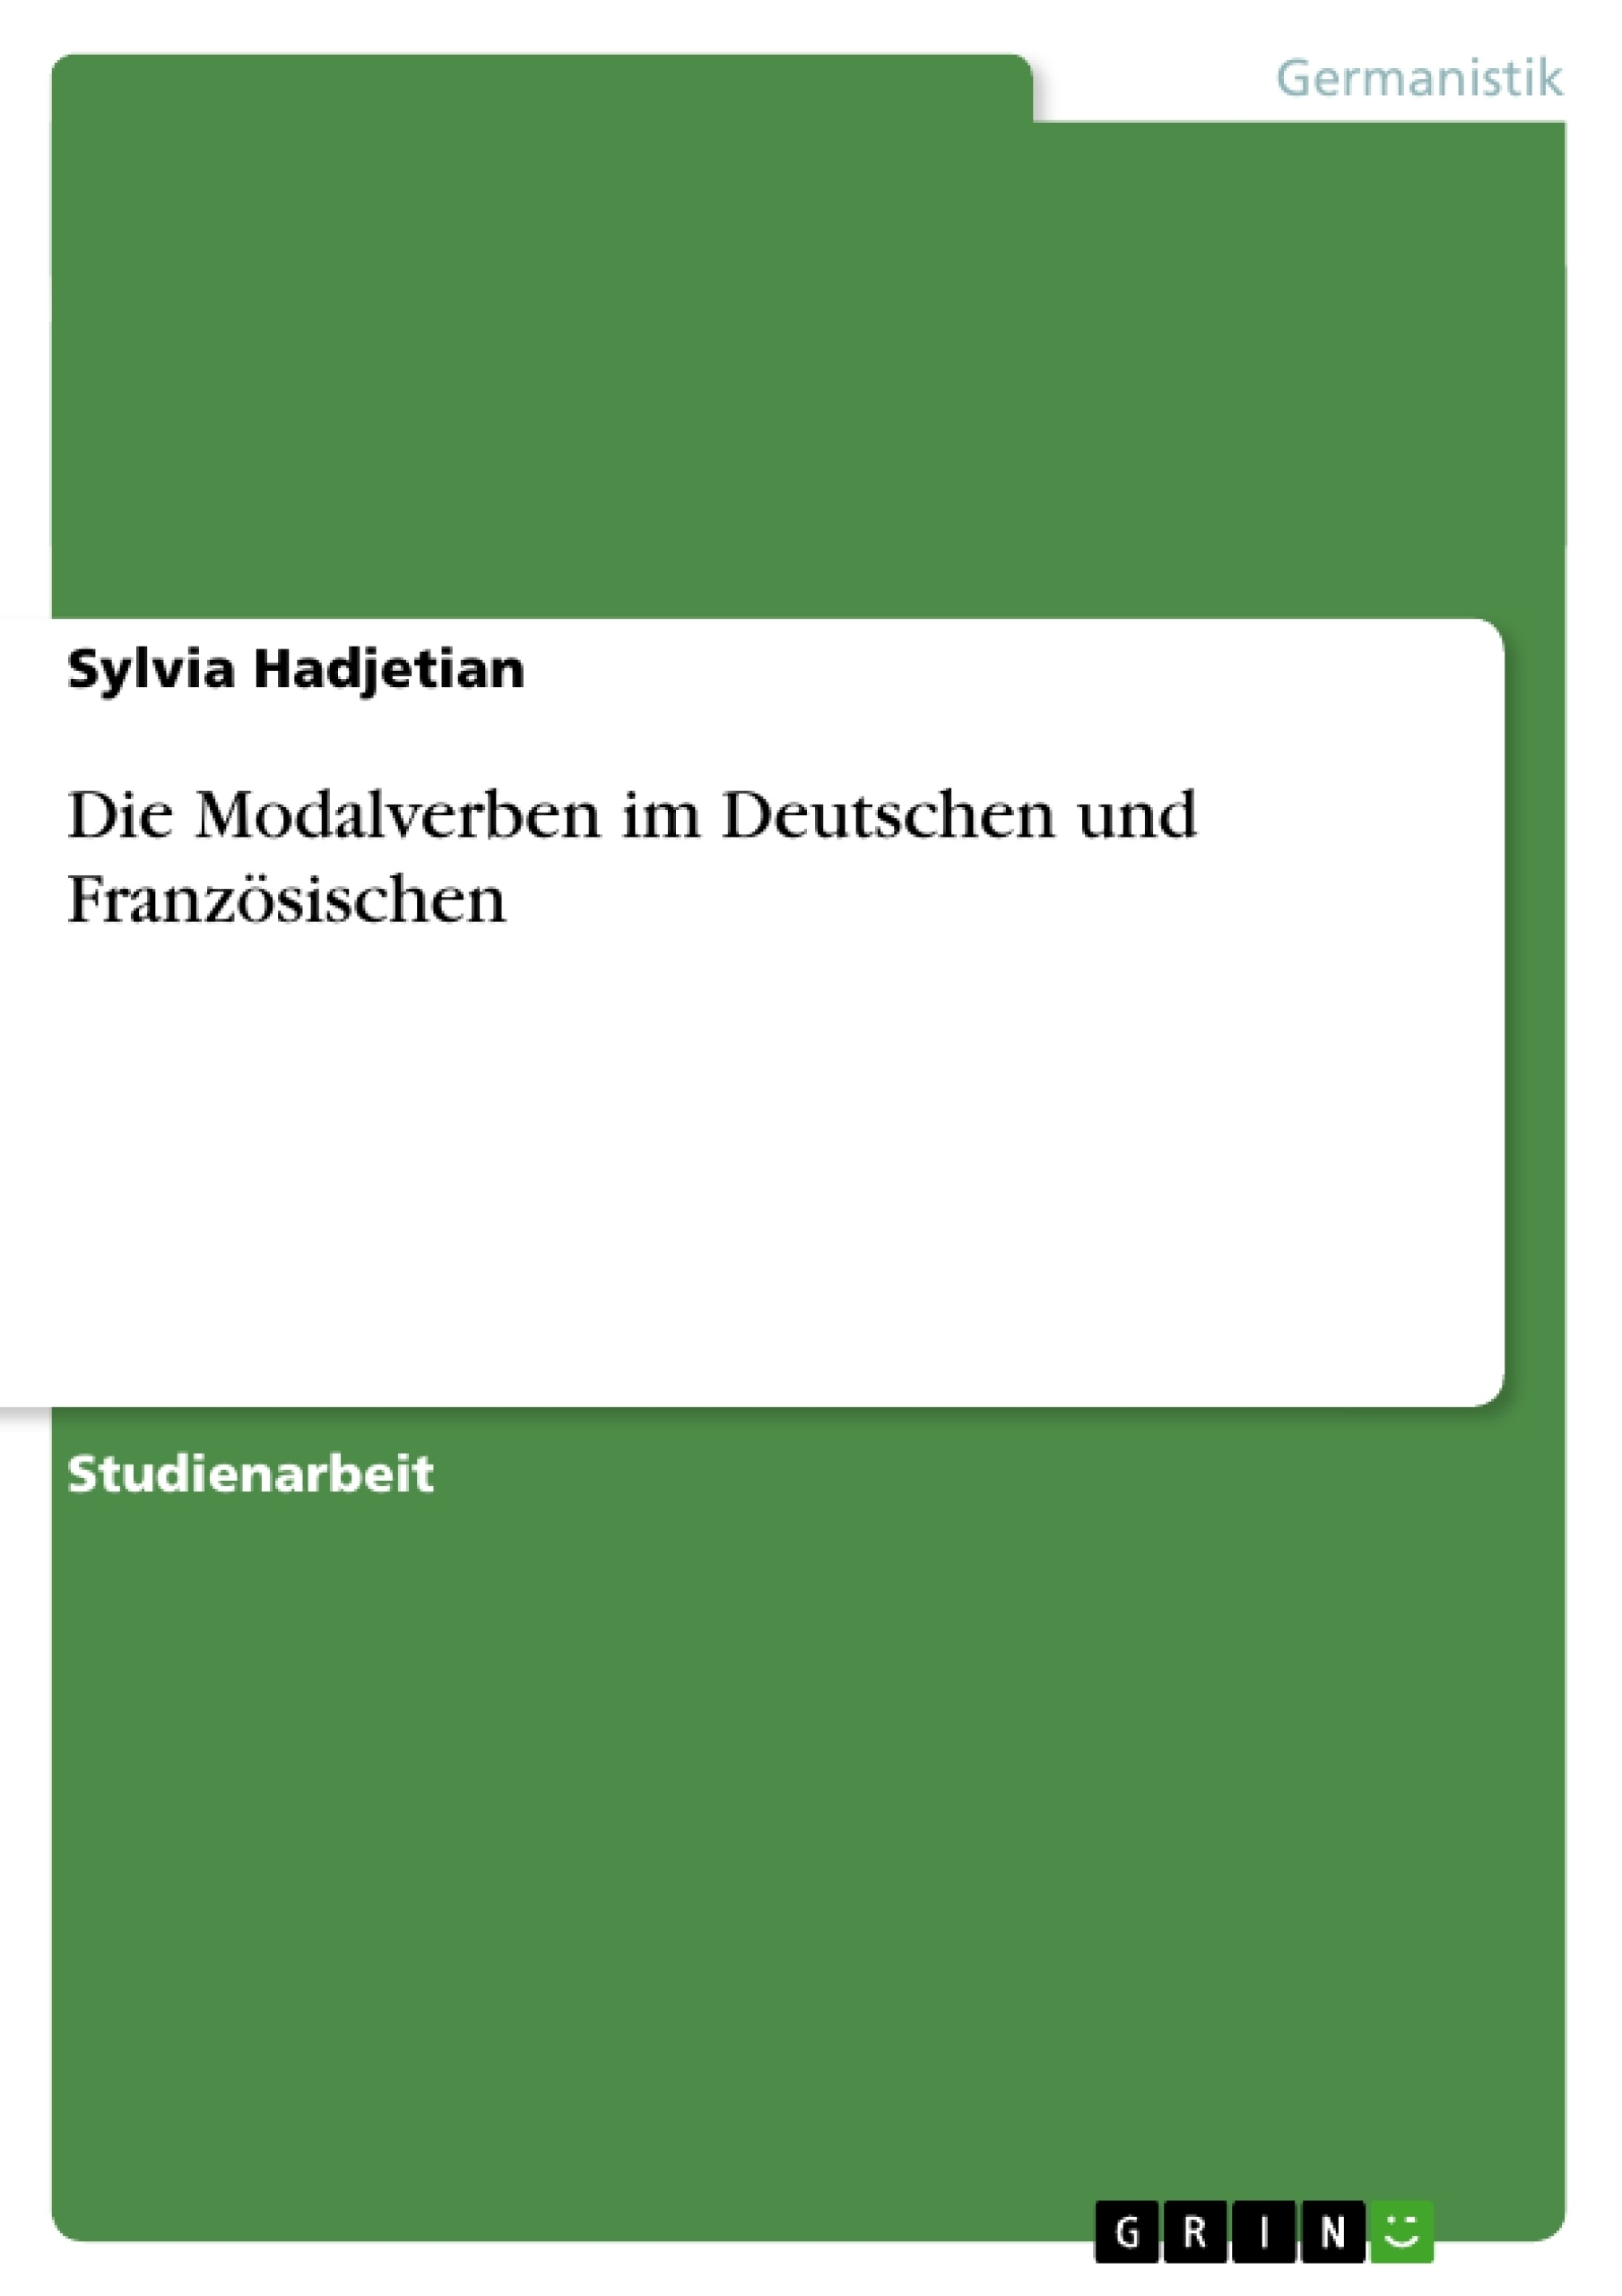 Titel: Die Modalverben im Deutschen und Französischen